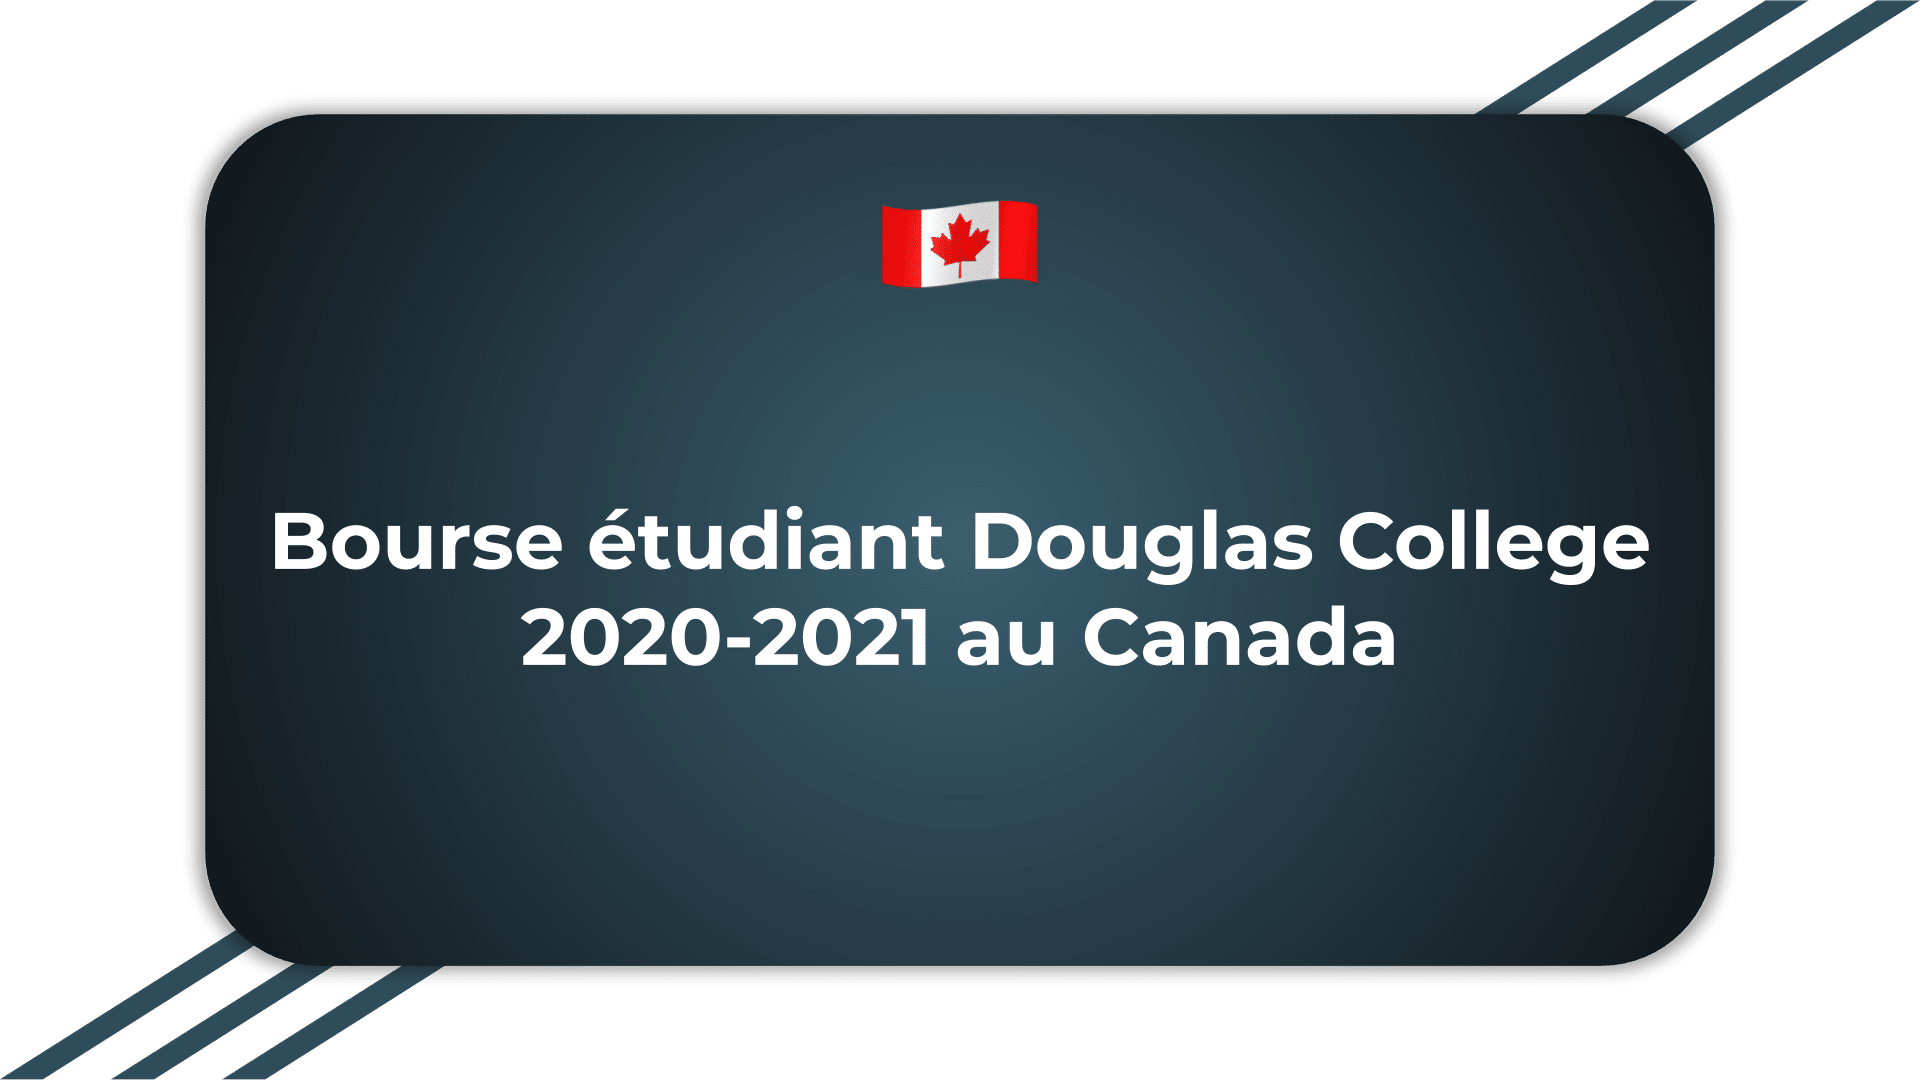 Bourse étudiant Douglas College